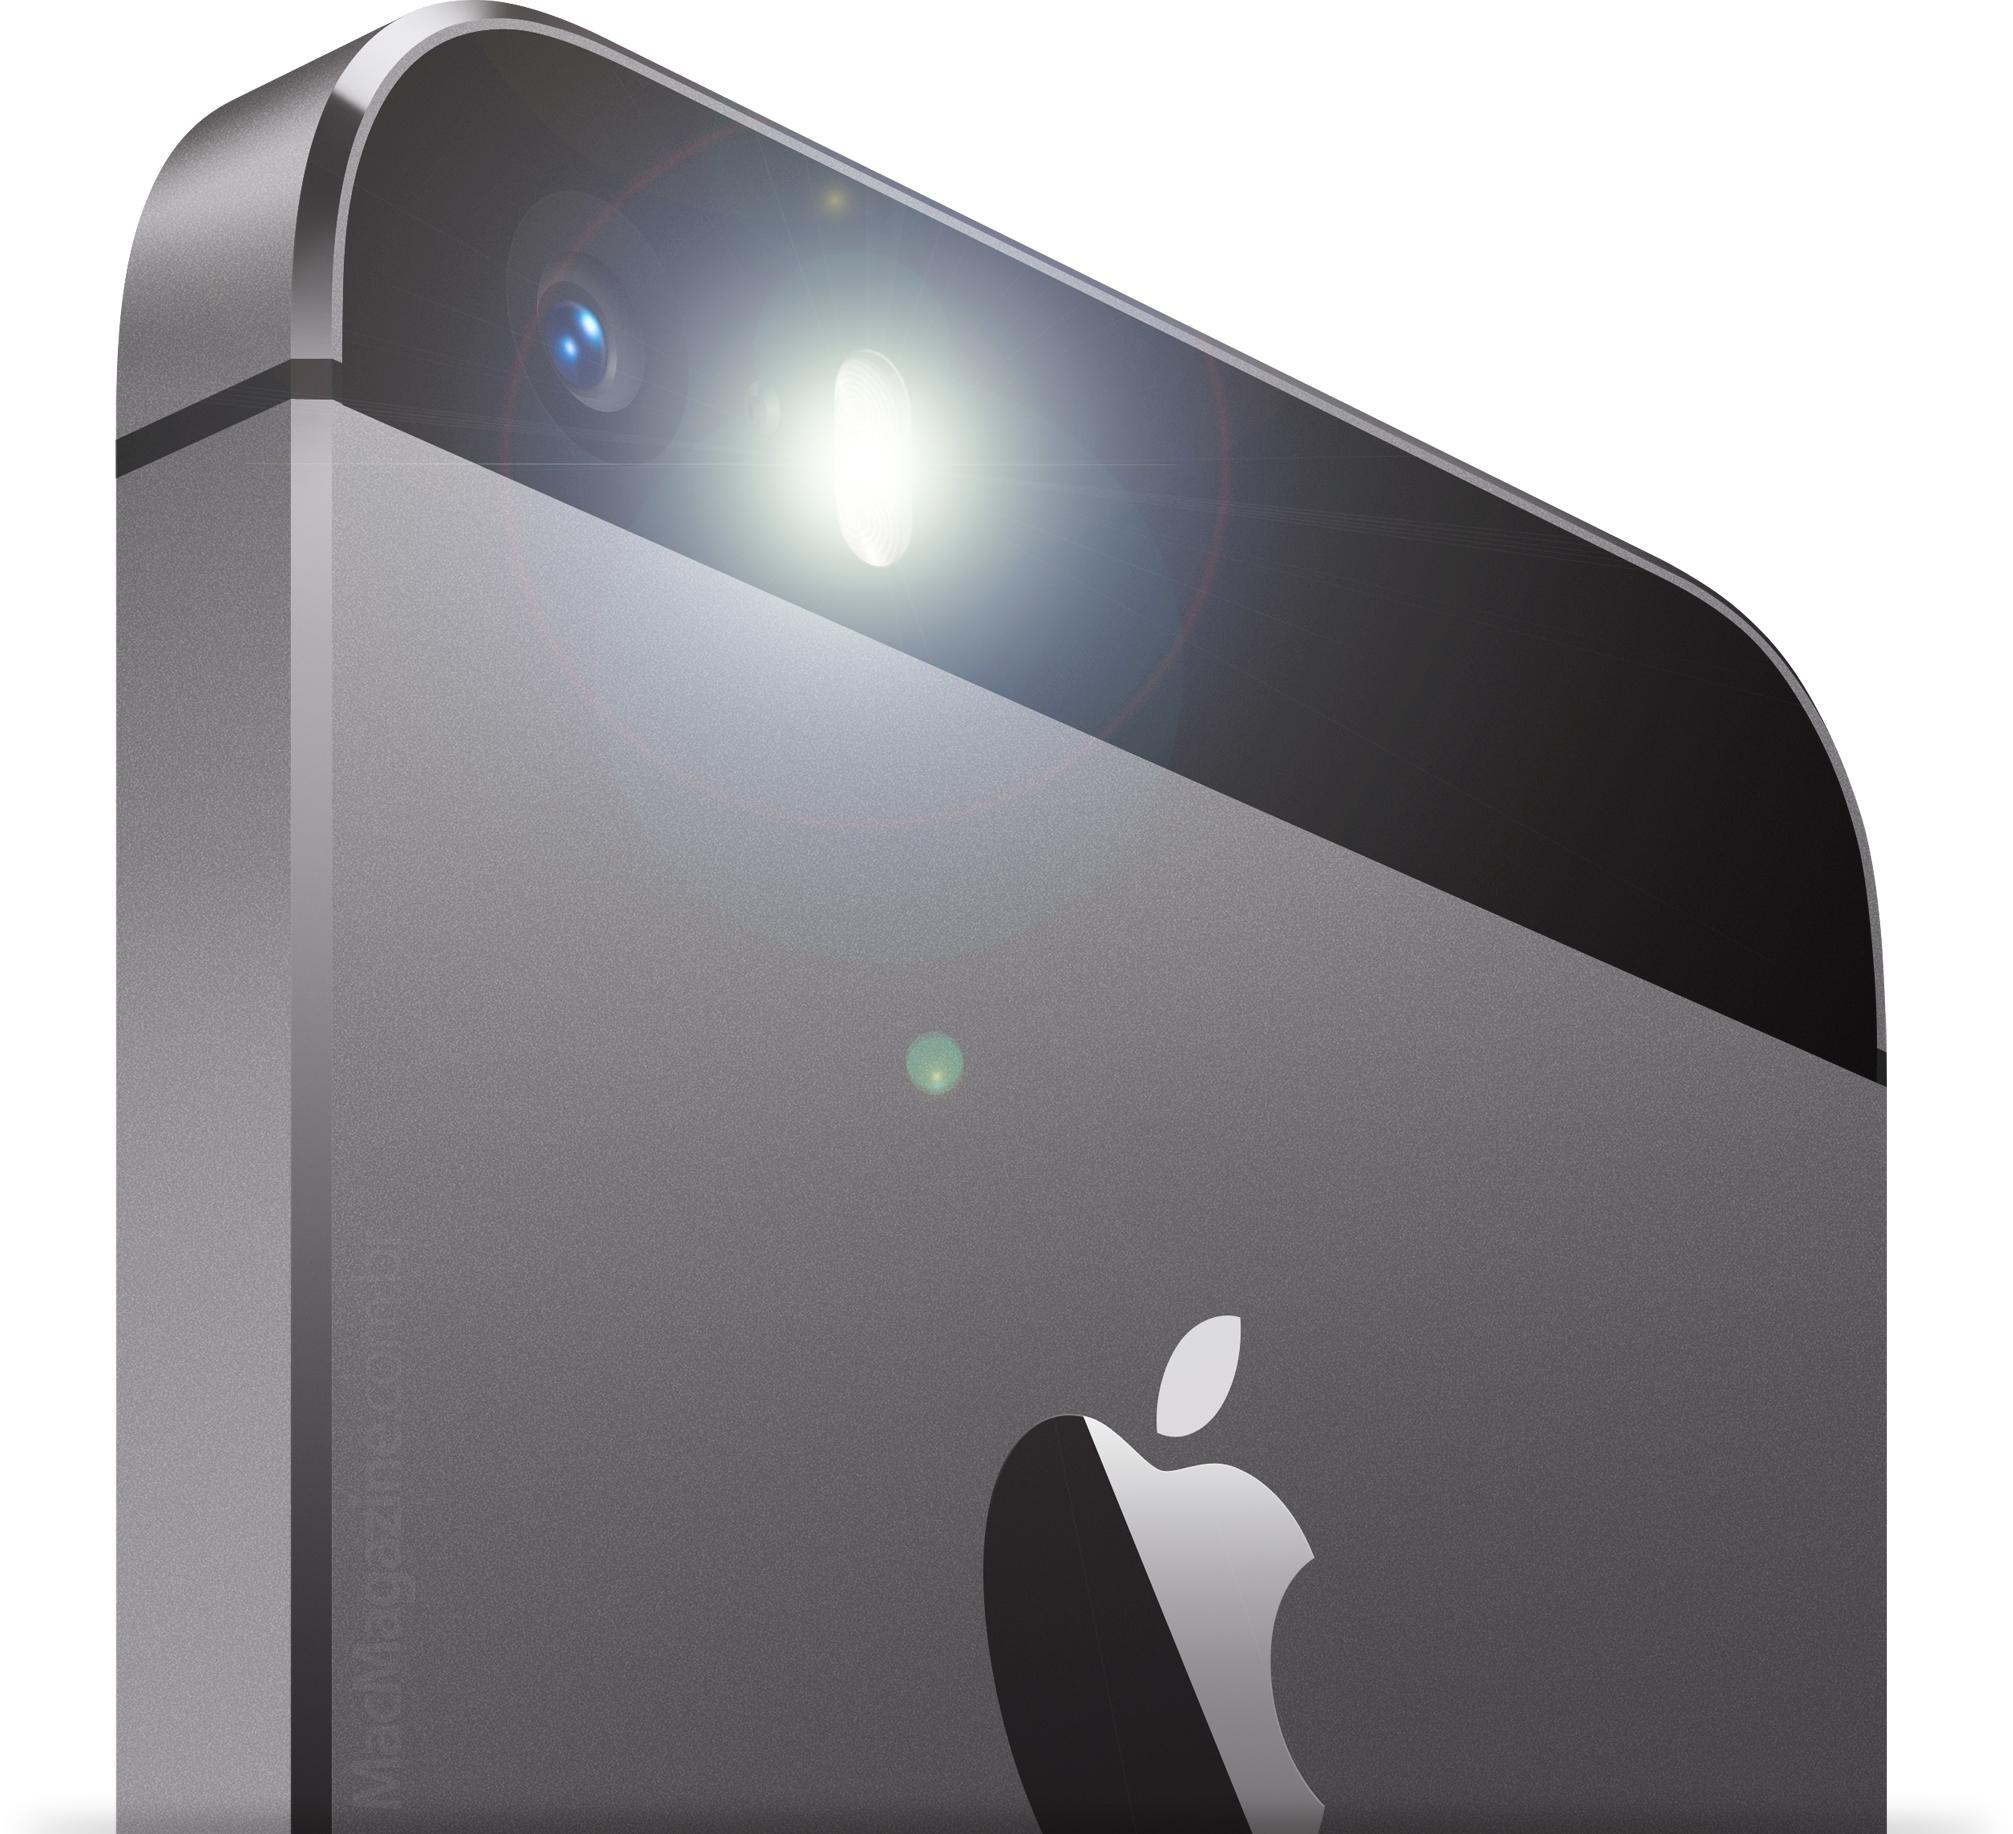 Flash do iPhone 5s ligado